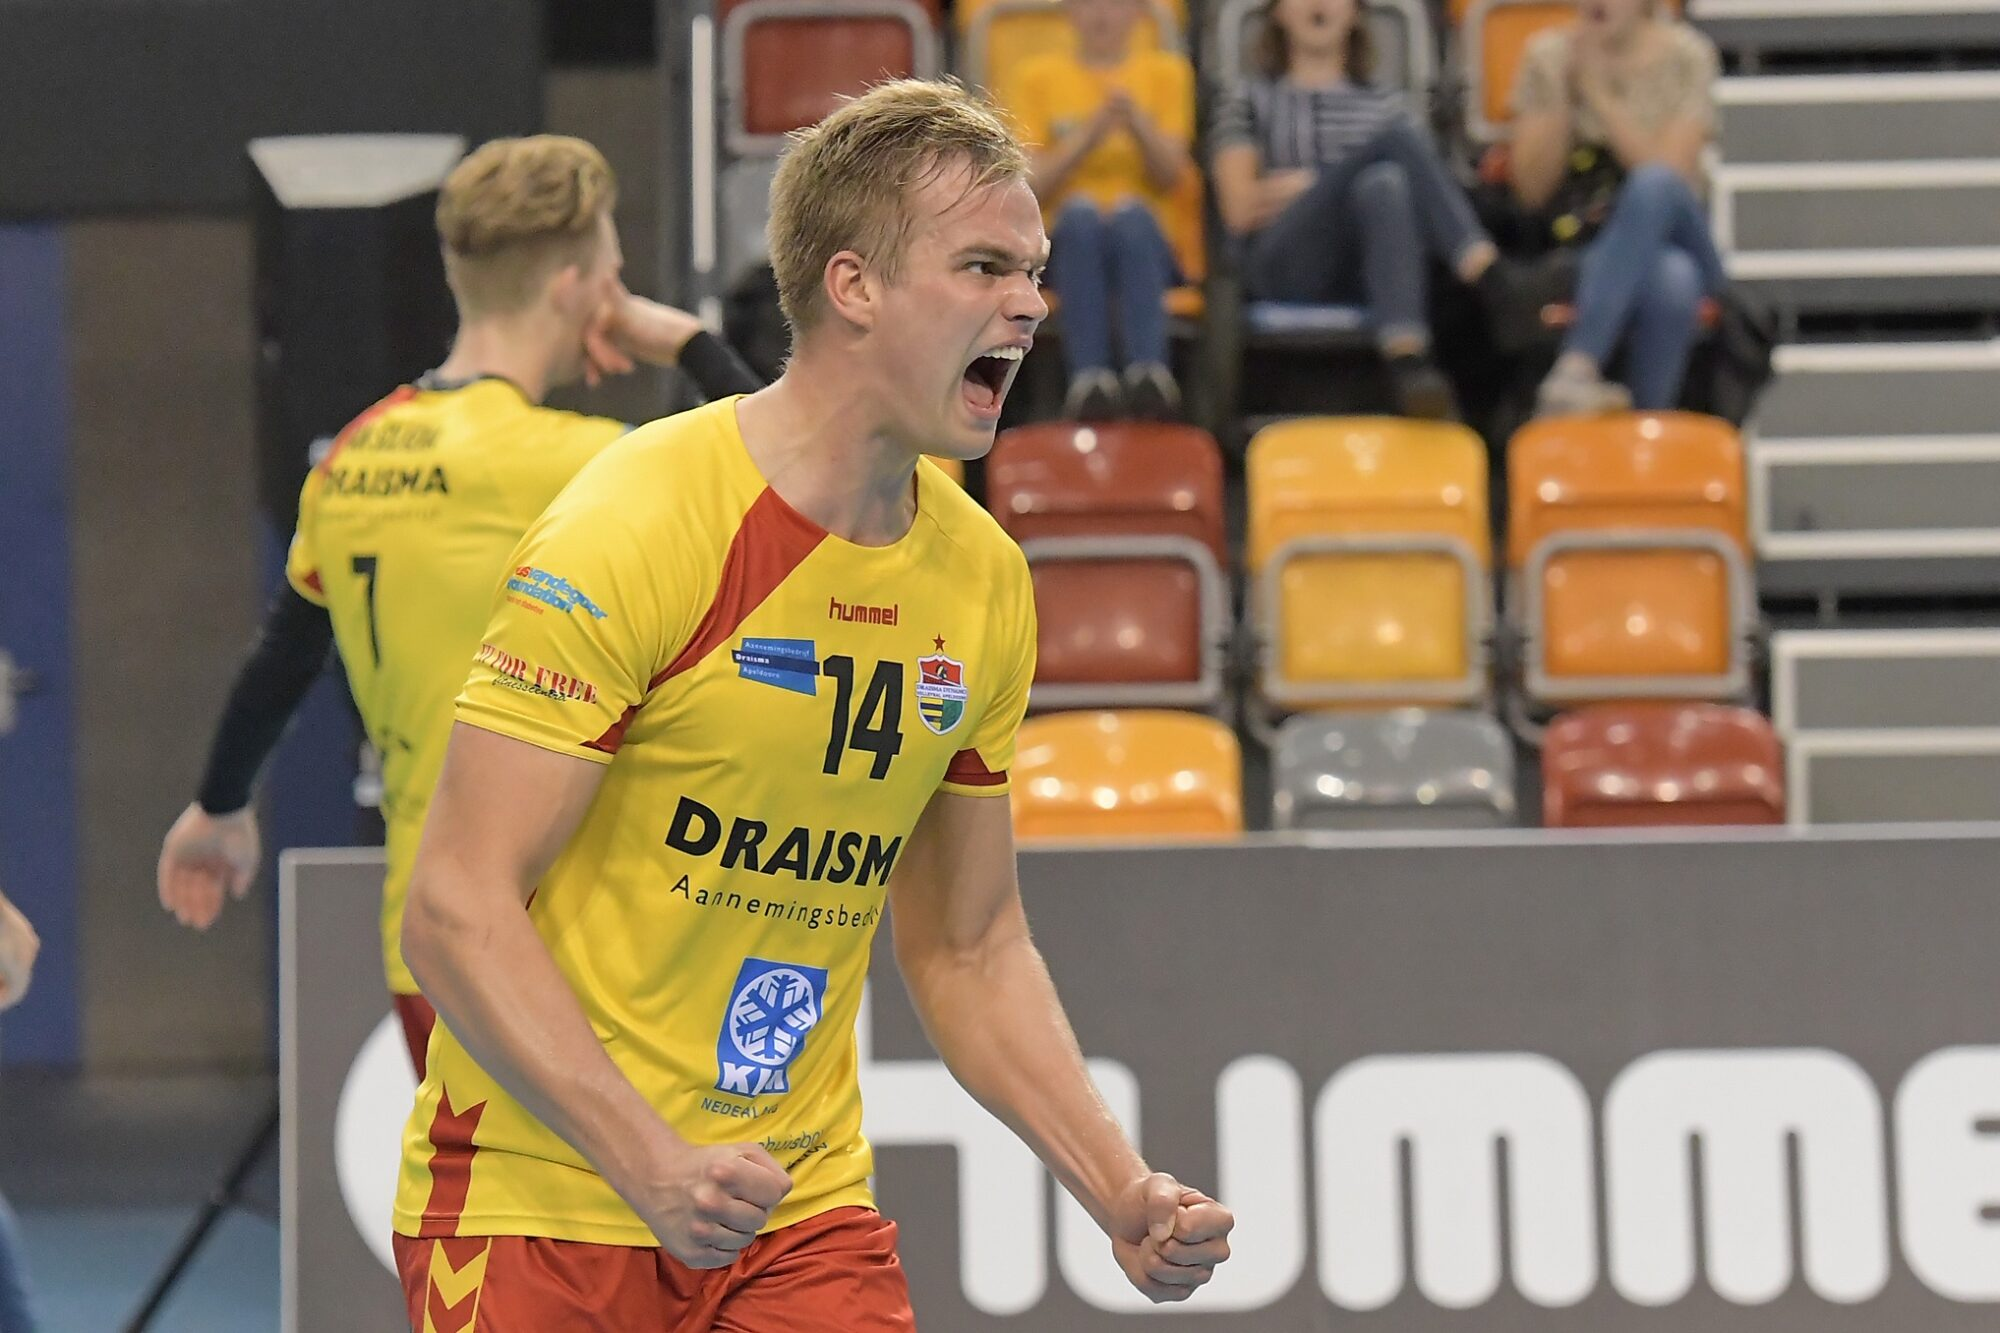 Kruiswijk en Blom verlengen, Van Solkema vertrekt bij Draisma Dynamo